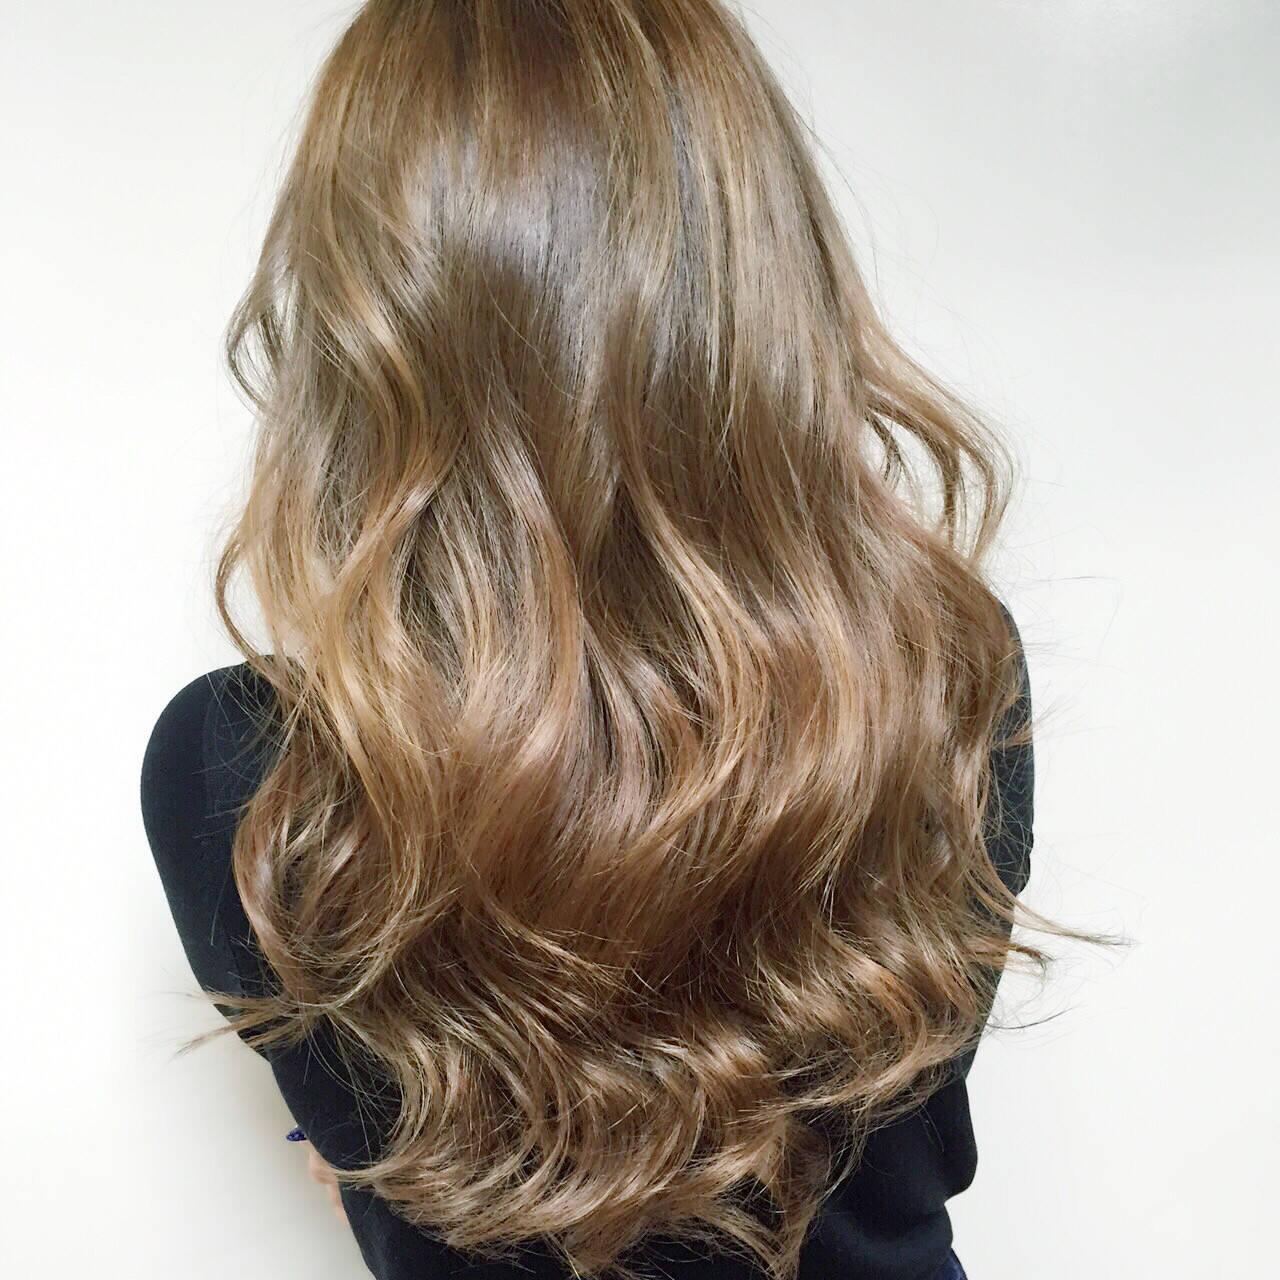 夏 アッシュ ハイライト ヘアアレンジヘアスタイルや髪型の写真・画像